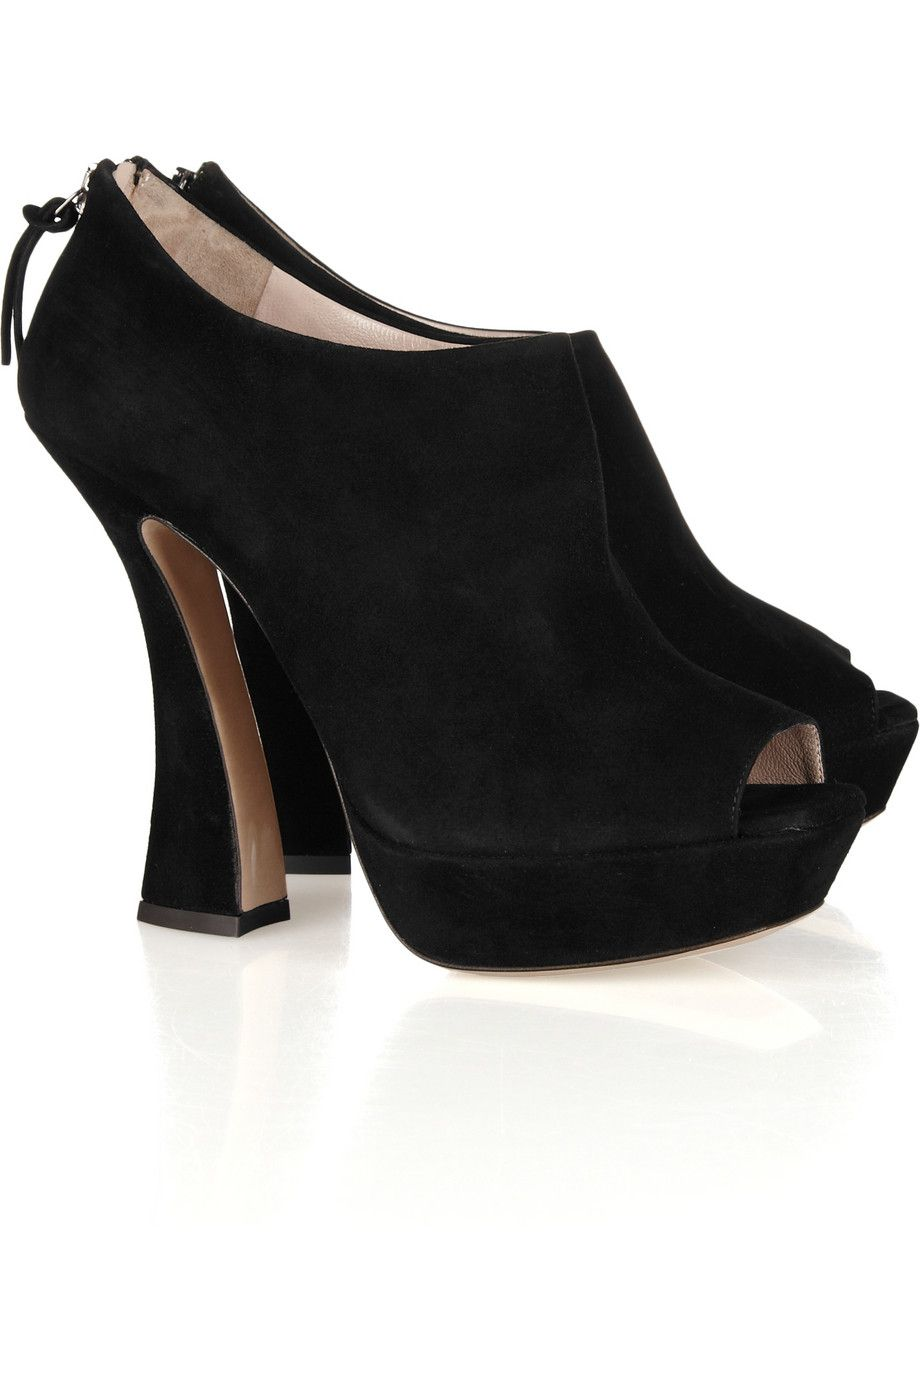 f1fb0981f7f Miu Miu suede peep-toe ankle boots  honestly.... miu miu can do no wrong      via NET-A-PORTER.COM